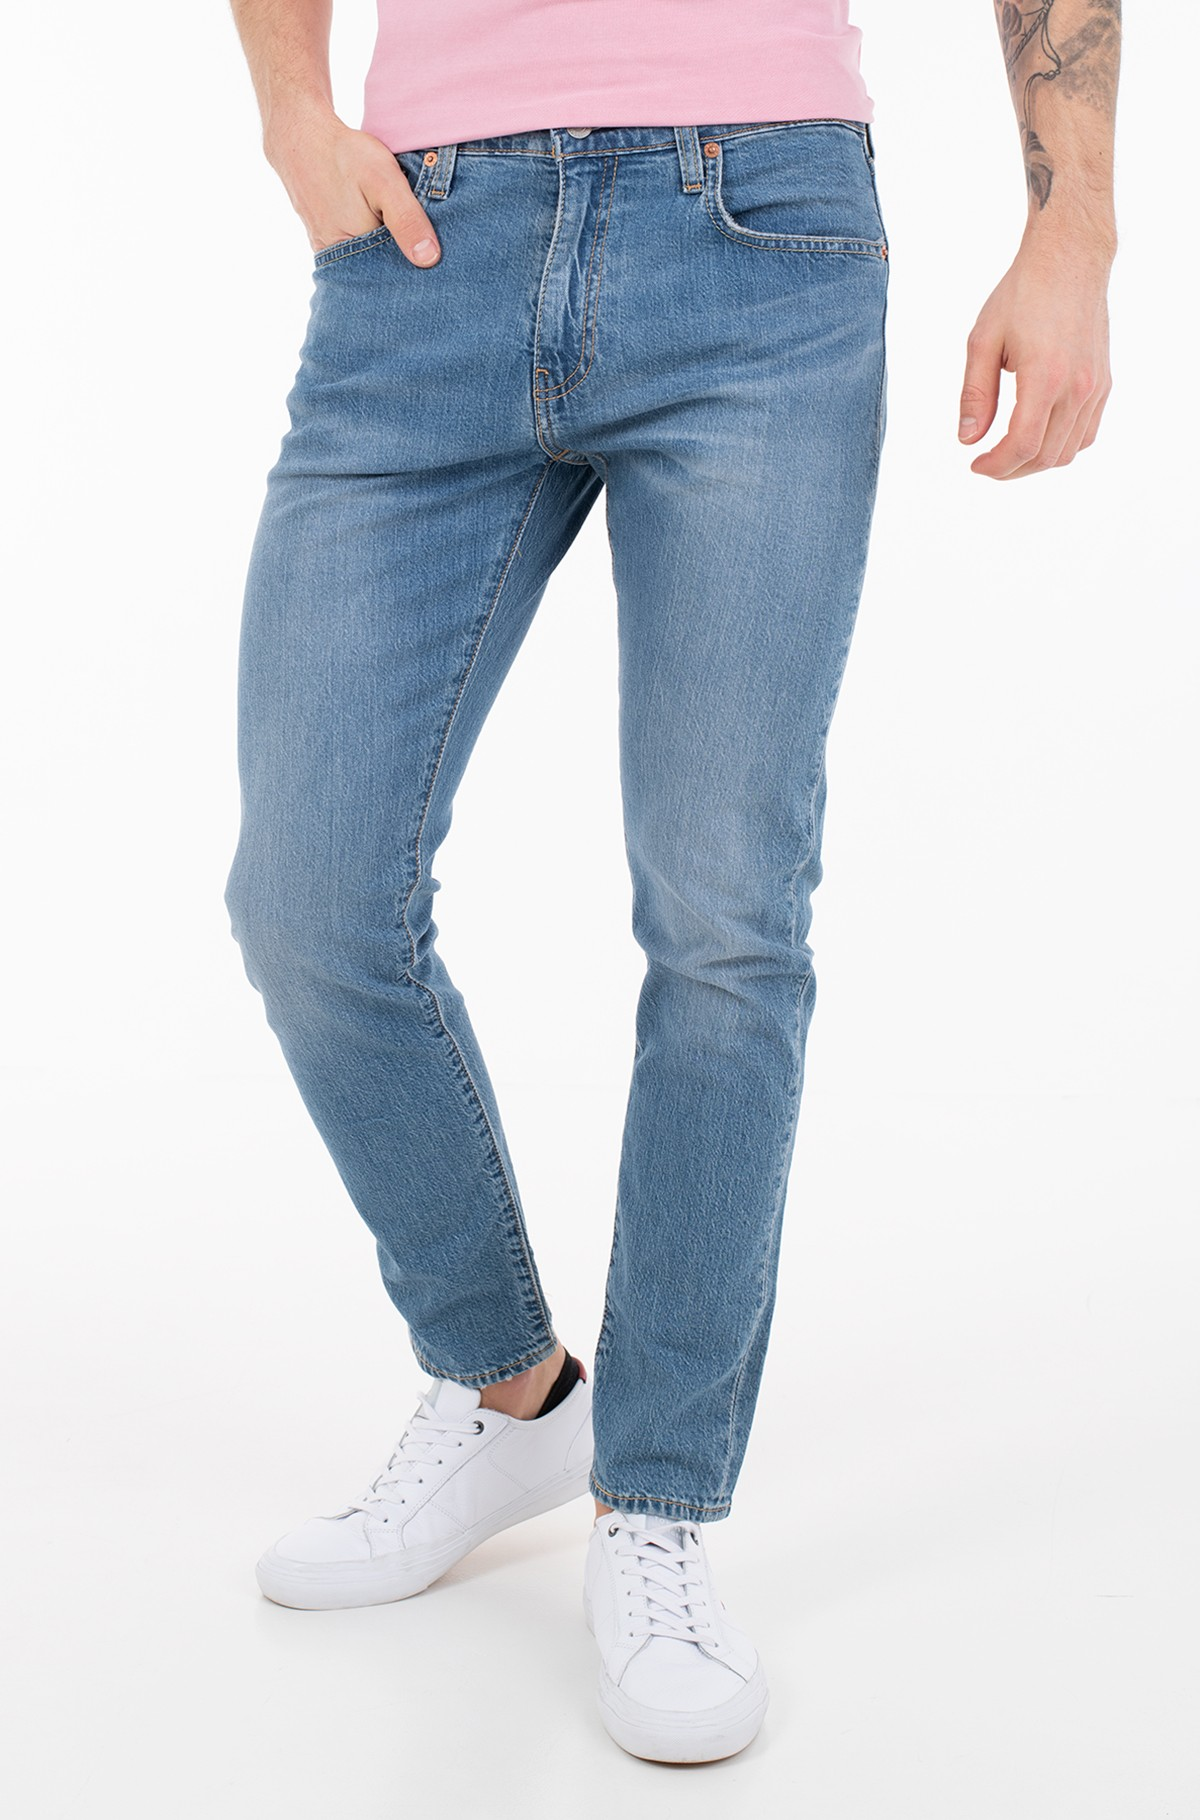 Jeans 288330863-full-1